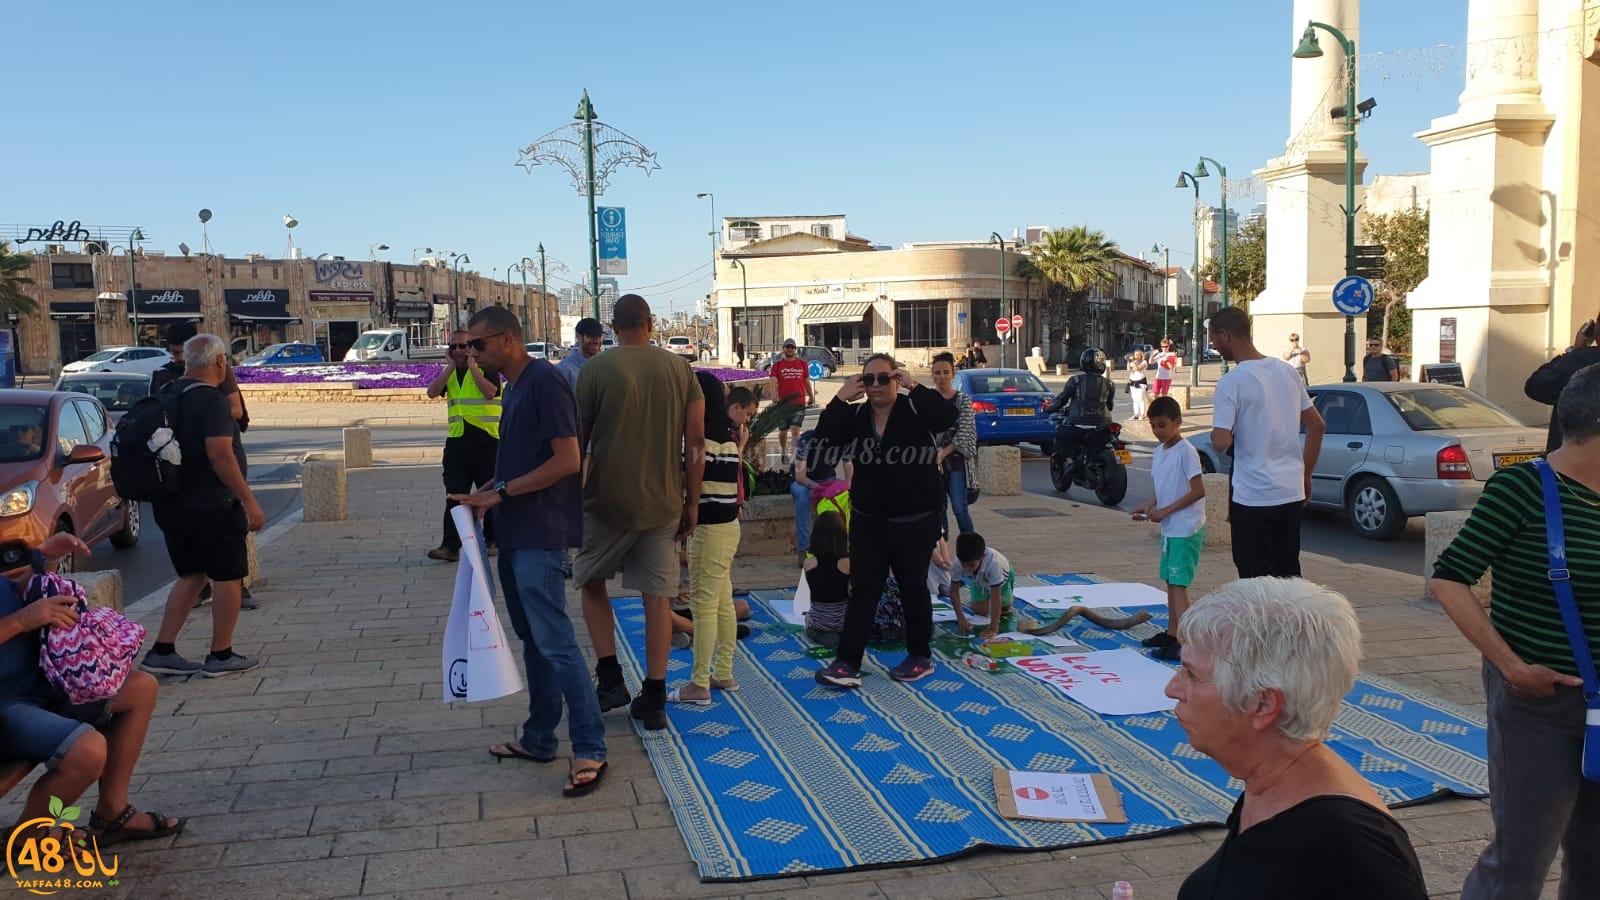 فيديو: تظاهرة بمدينة يافا احتجاجاً على قرار إغلاق شارع شديروت يروشلايم